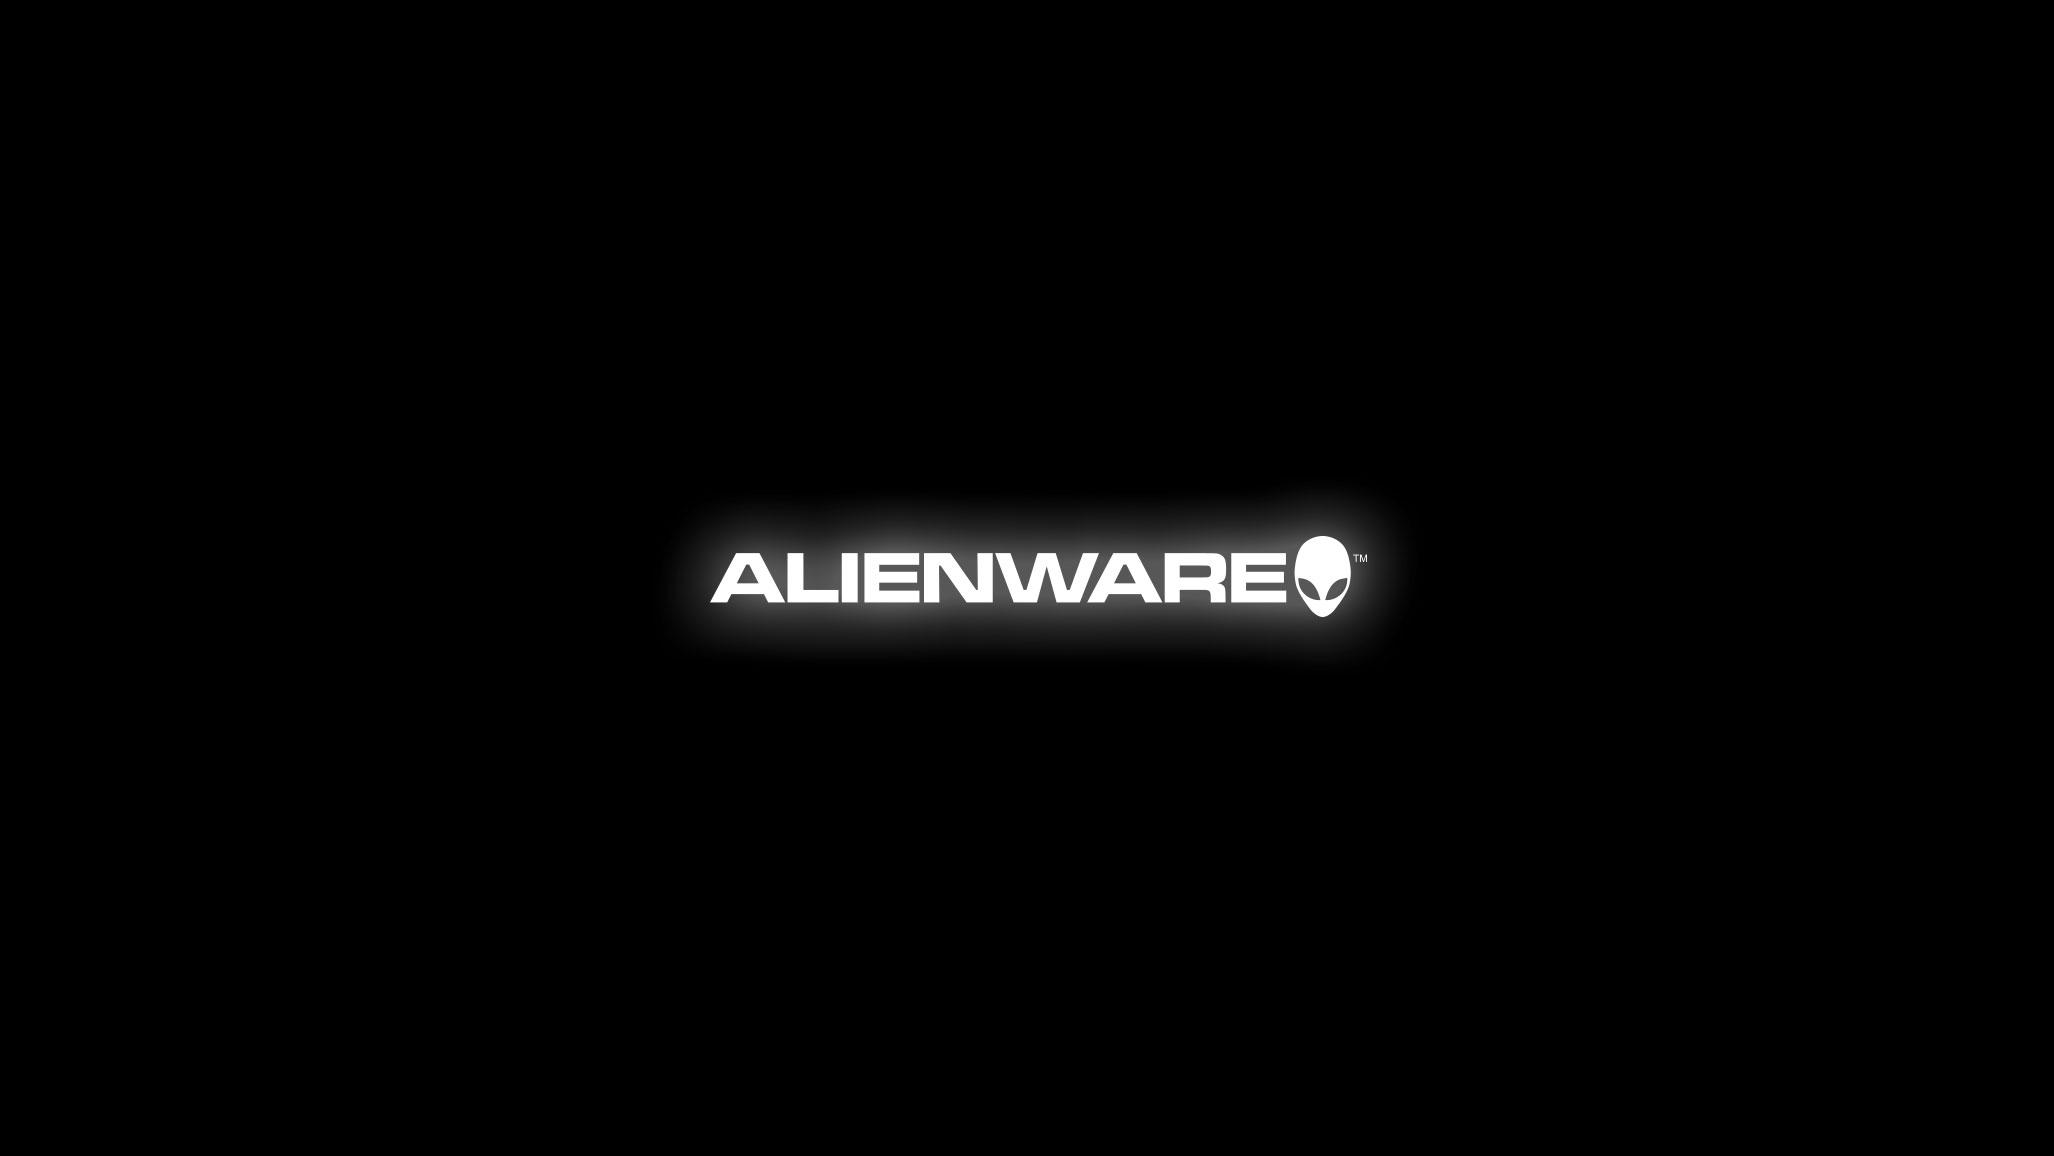 Alienware wallpapers Alienware Arena 2054x1156